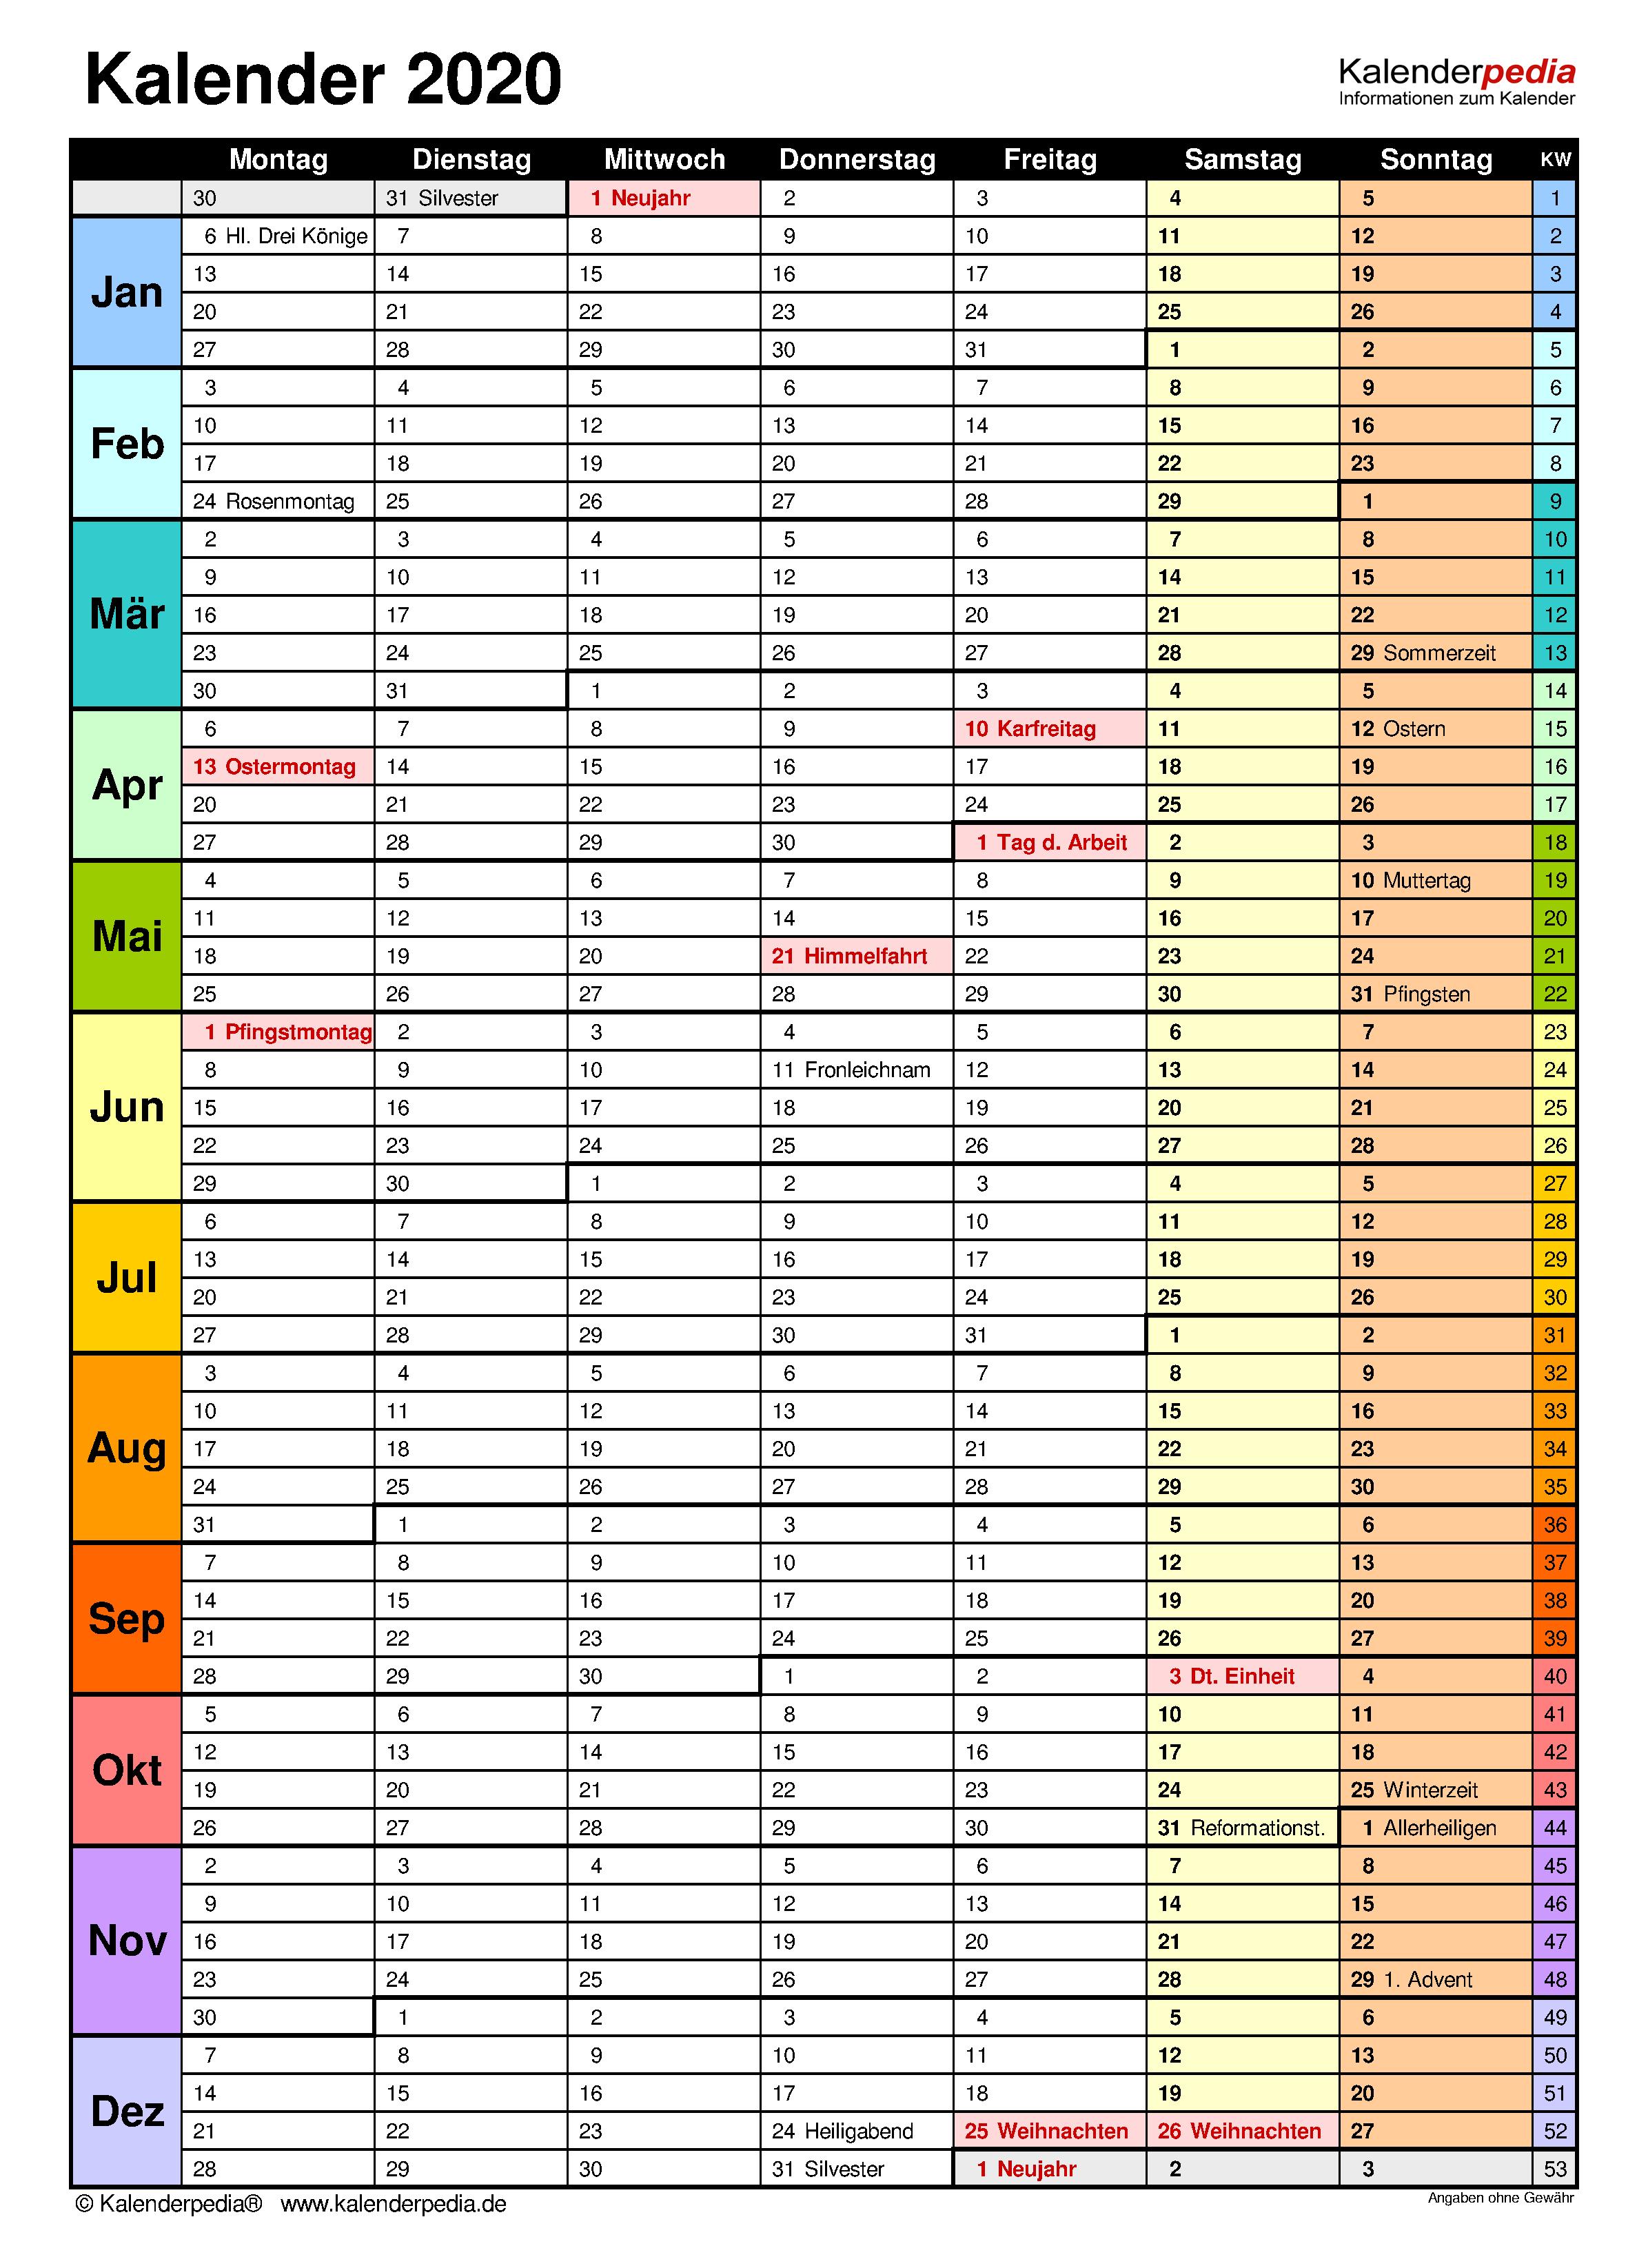 01 Tischkalender 2020-2021 Desktop-Kalender 2020.9-2021.12 F/ür Die Planung F/ür Den N/ächsten Monat Mini Schreibtischkalender Monatskalender Wochenplaner 2020 Mini-Memo-Kalender